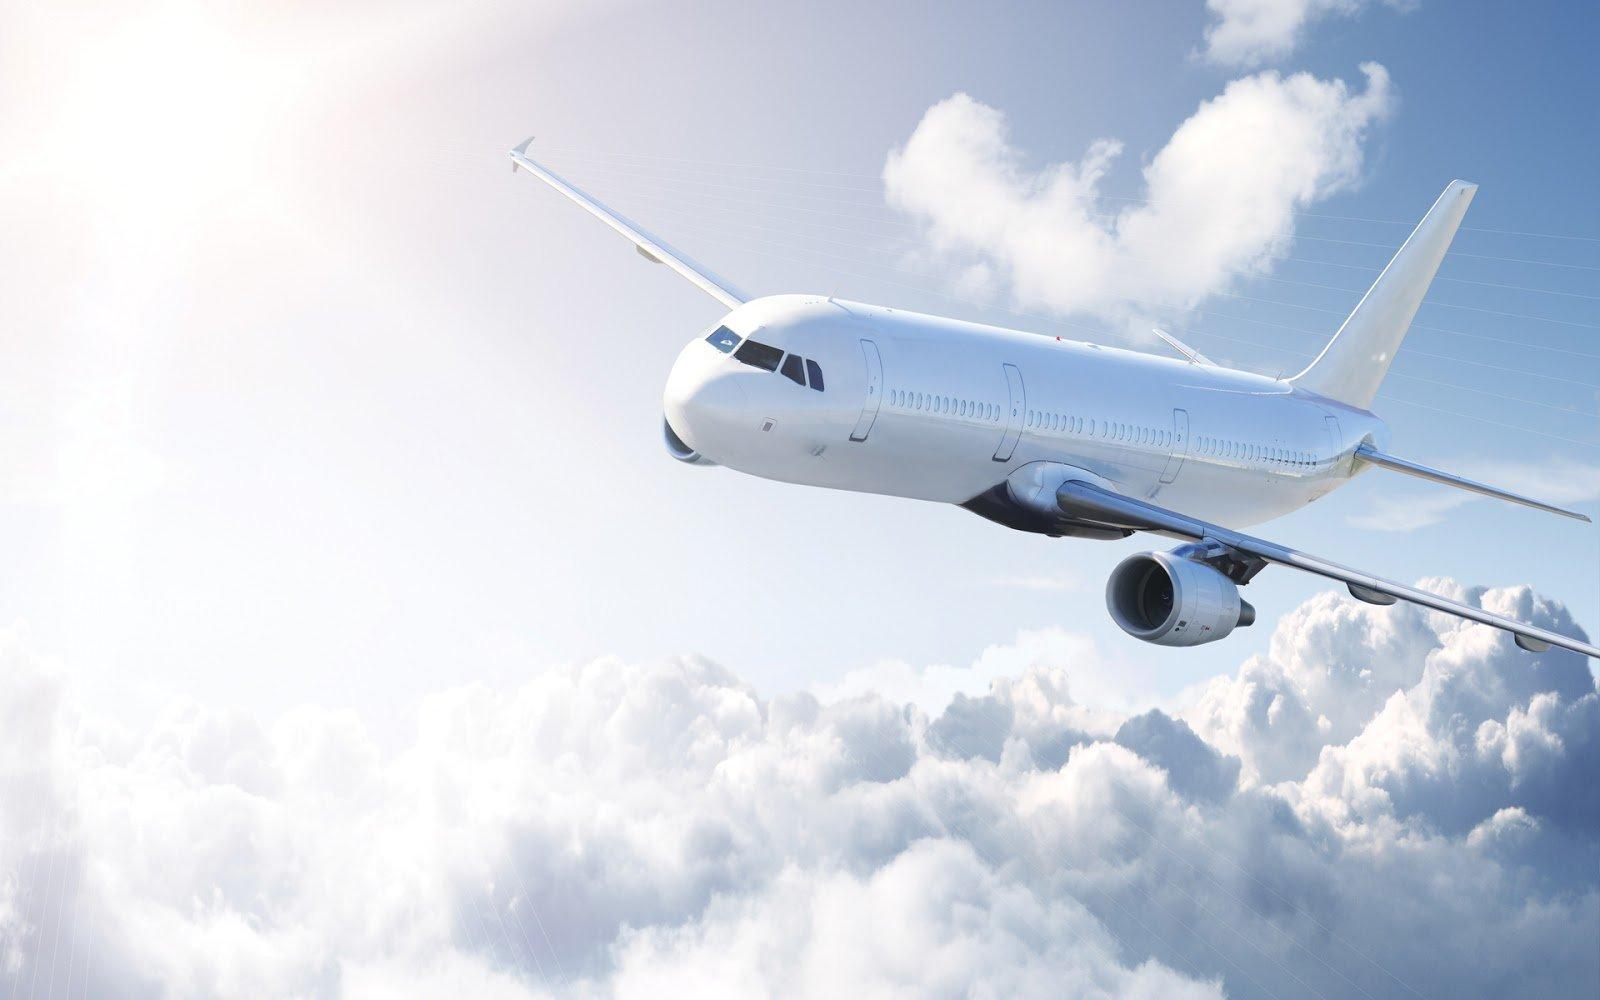 Украина за пару лет  оштрафовала русские  авиакомпании намиллиарды грн  - Госавиаслужба